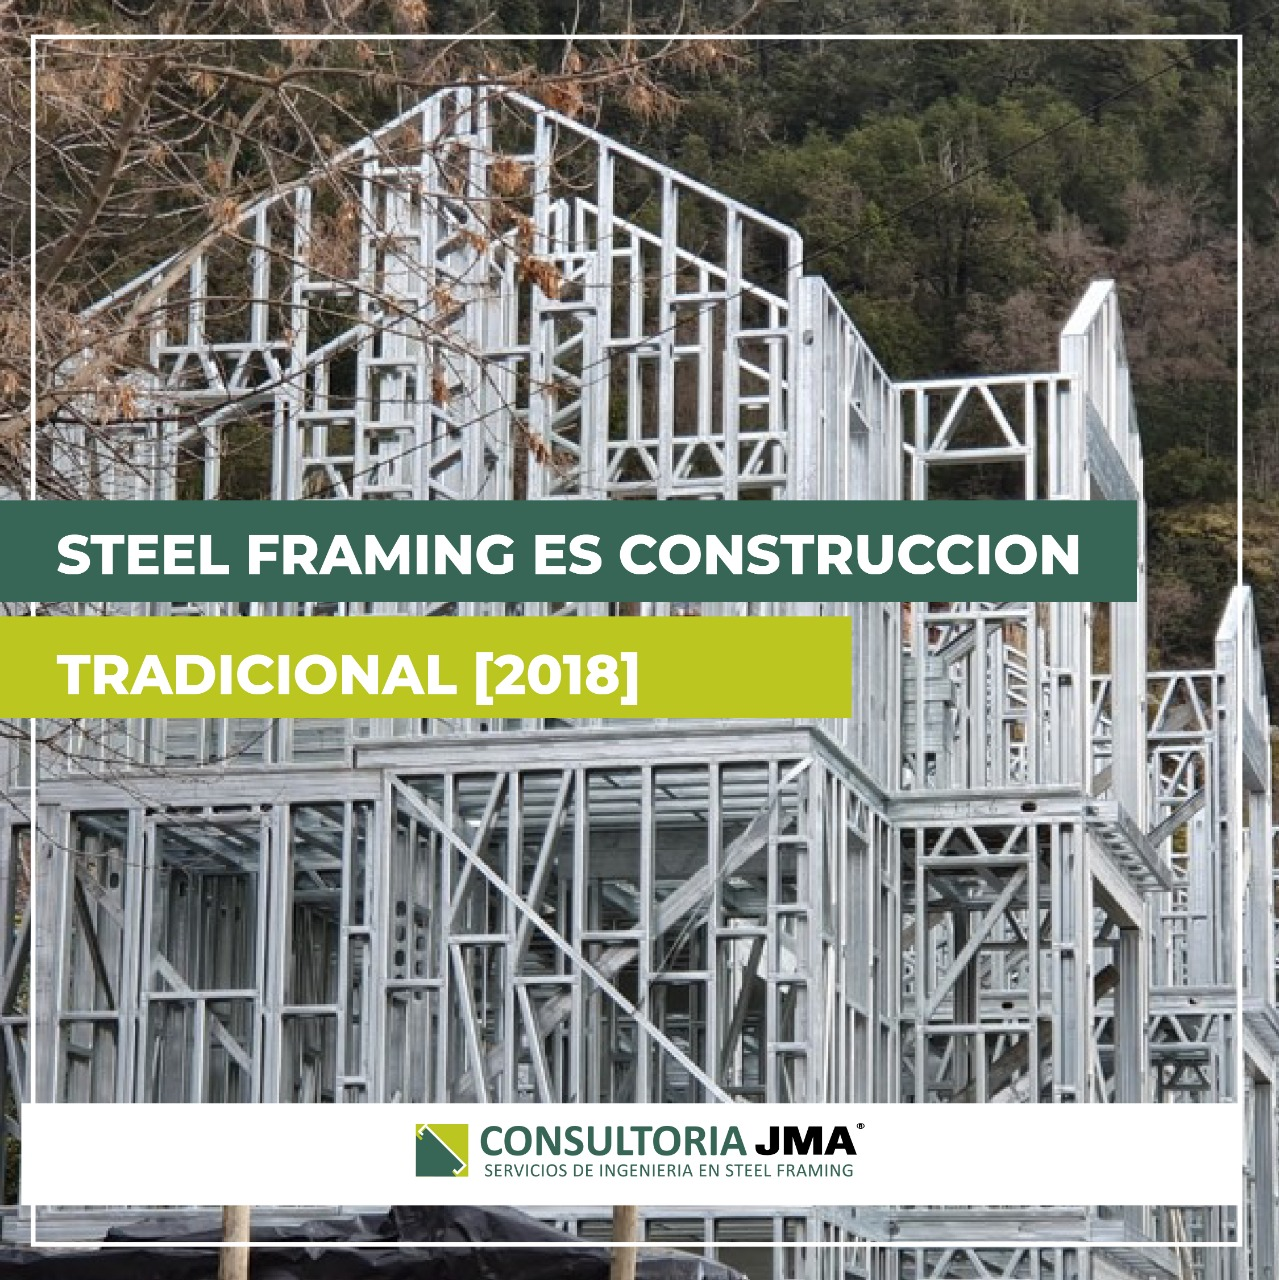 STEEL FRAMING ES CONSTRUCCIÓN TRADICIONAL [2018]